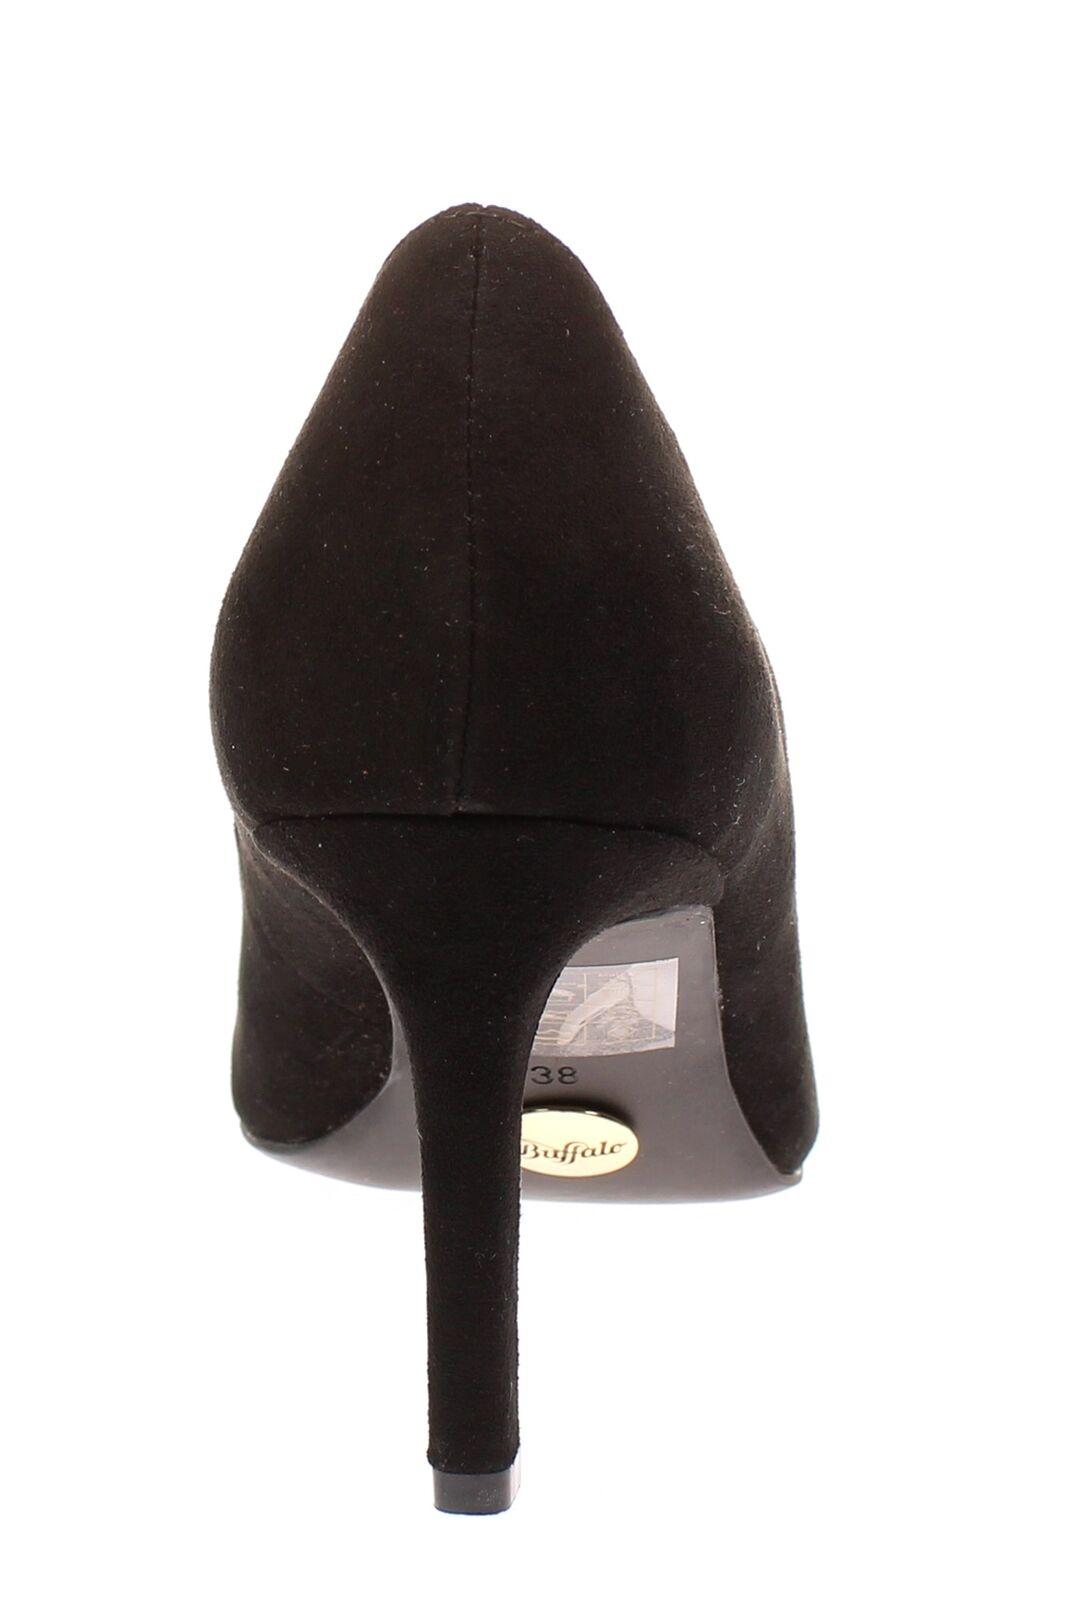 Buffalo-STIVALI h733-c002a-4 - Scarpe Donna Donna Donna Décolleté Scarpe aperte-Suede-nero | Gli Ordini Sono Benvenuti  | Materiale preferito  417b5f